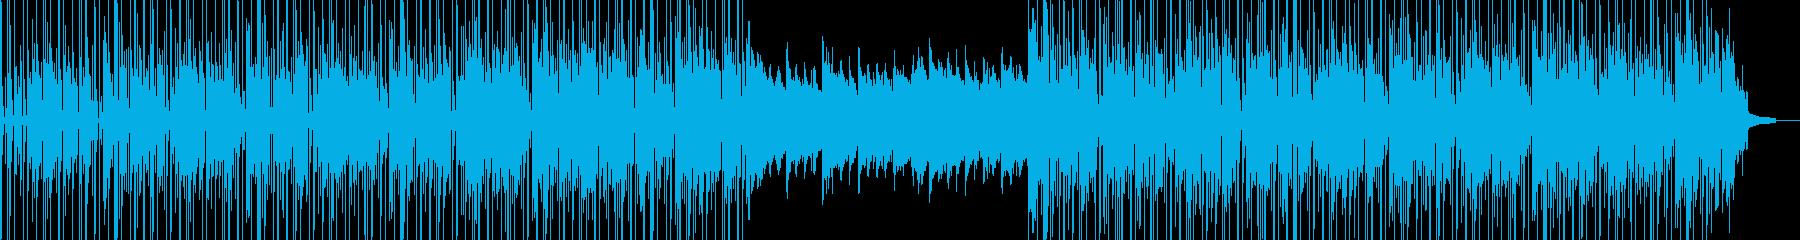 サスペンスと緊張。合成倍音の歌とし...の再生済みの波形